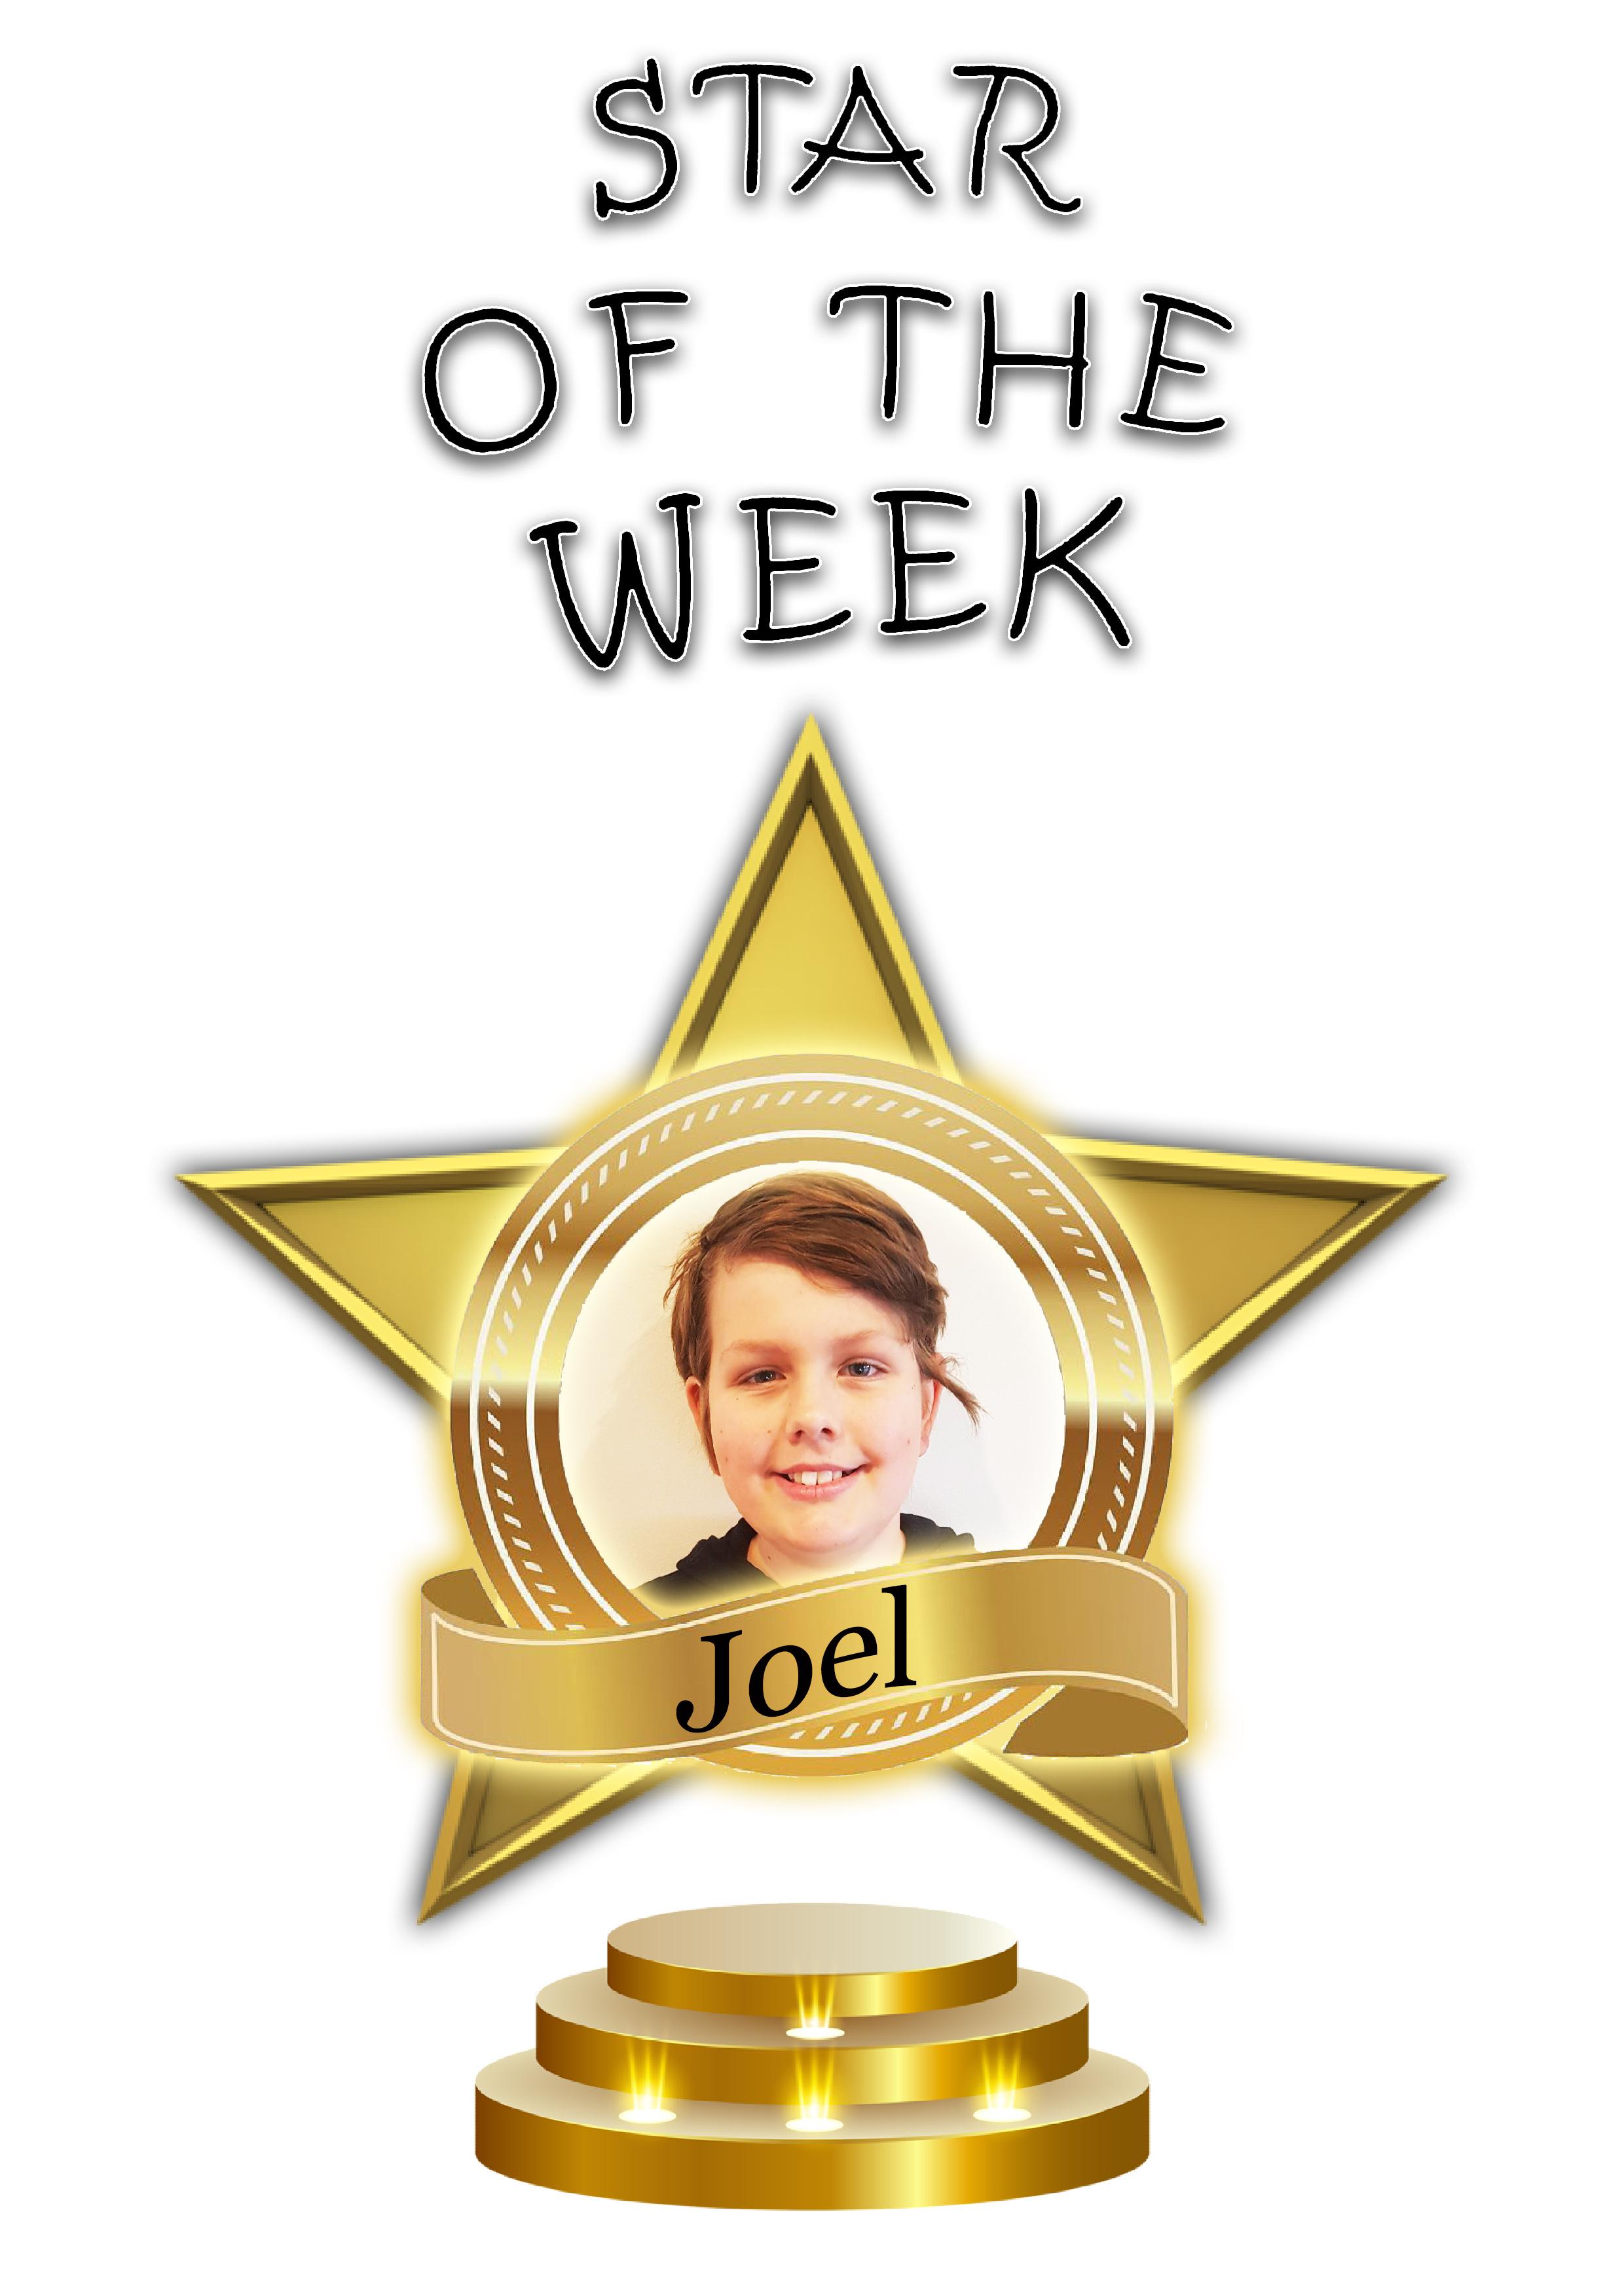 Joel..